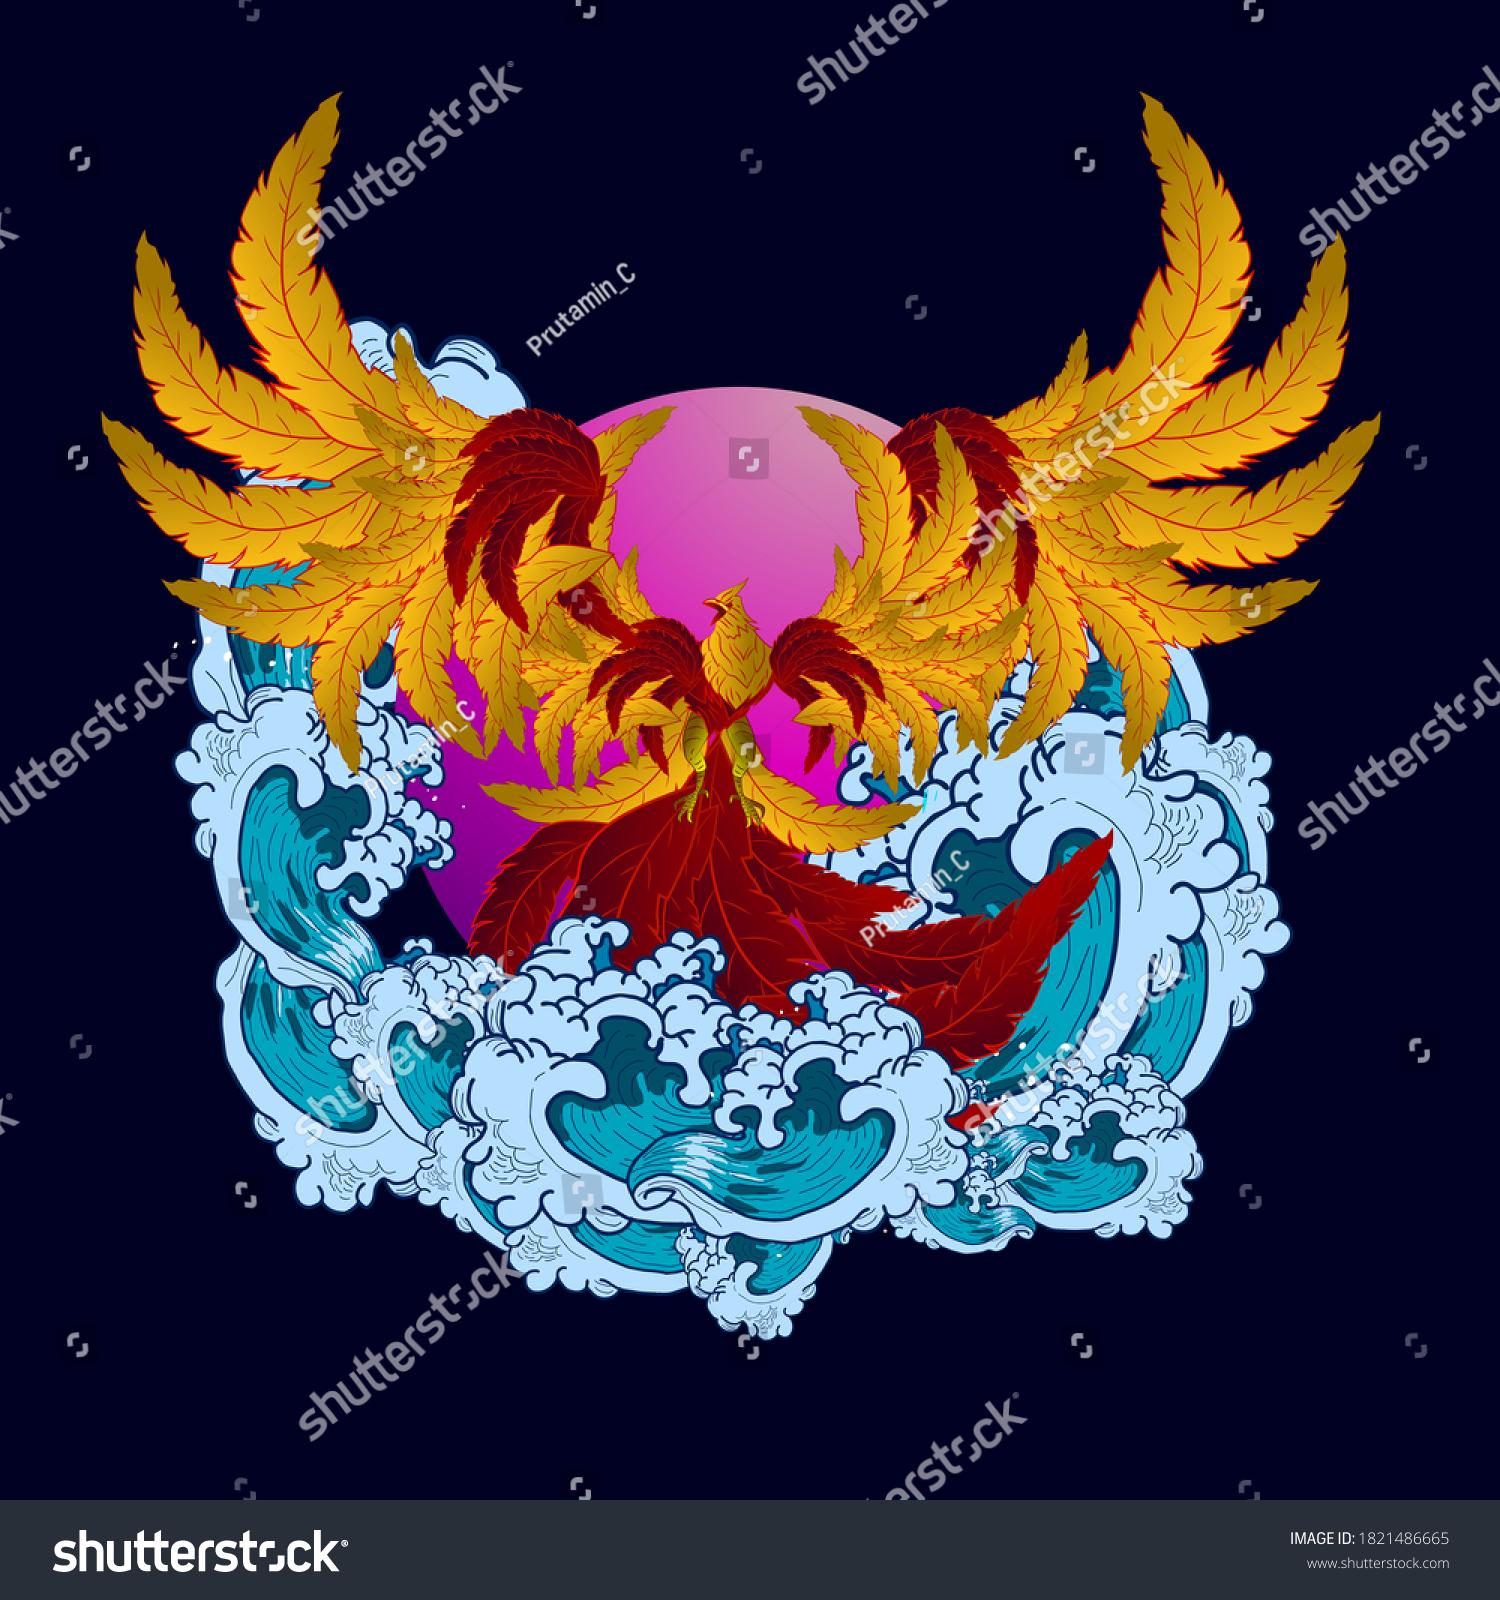 stock-vector-red-bird-illustration-desig